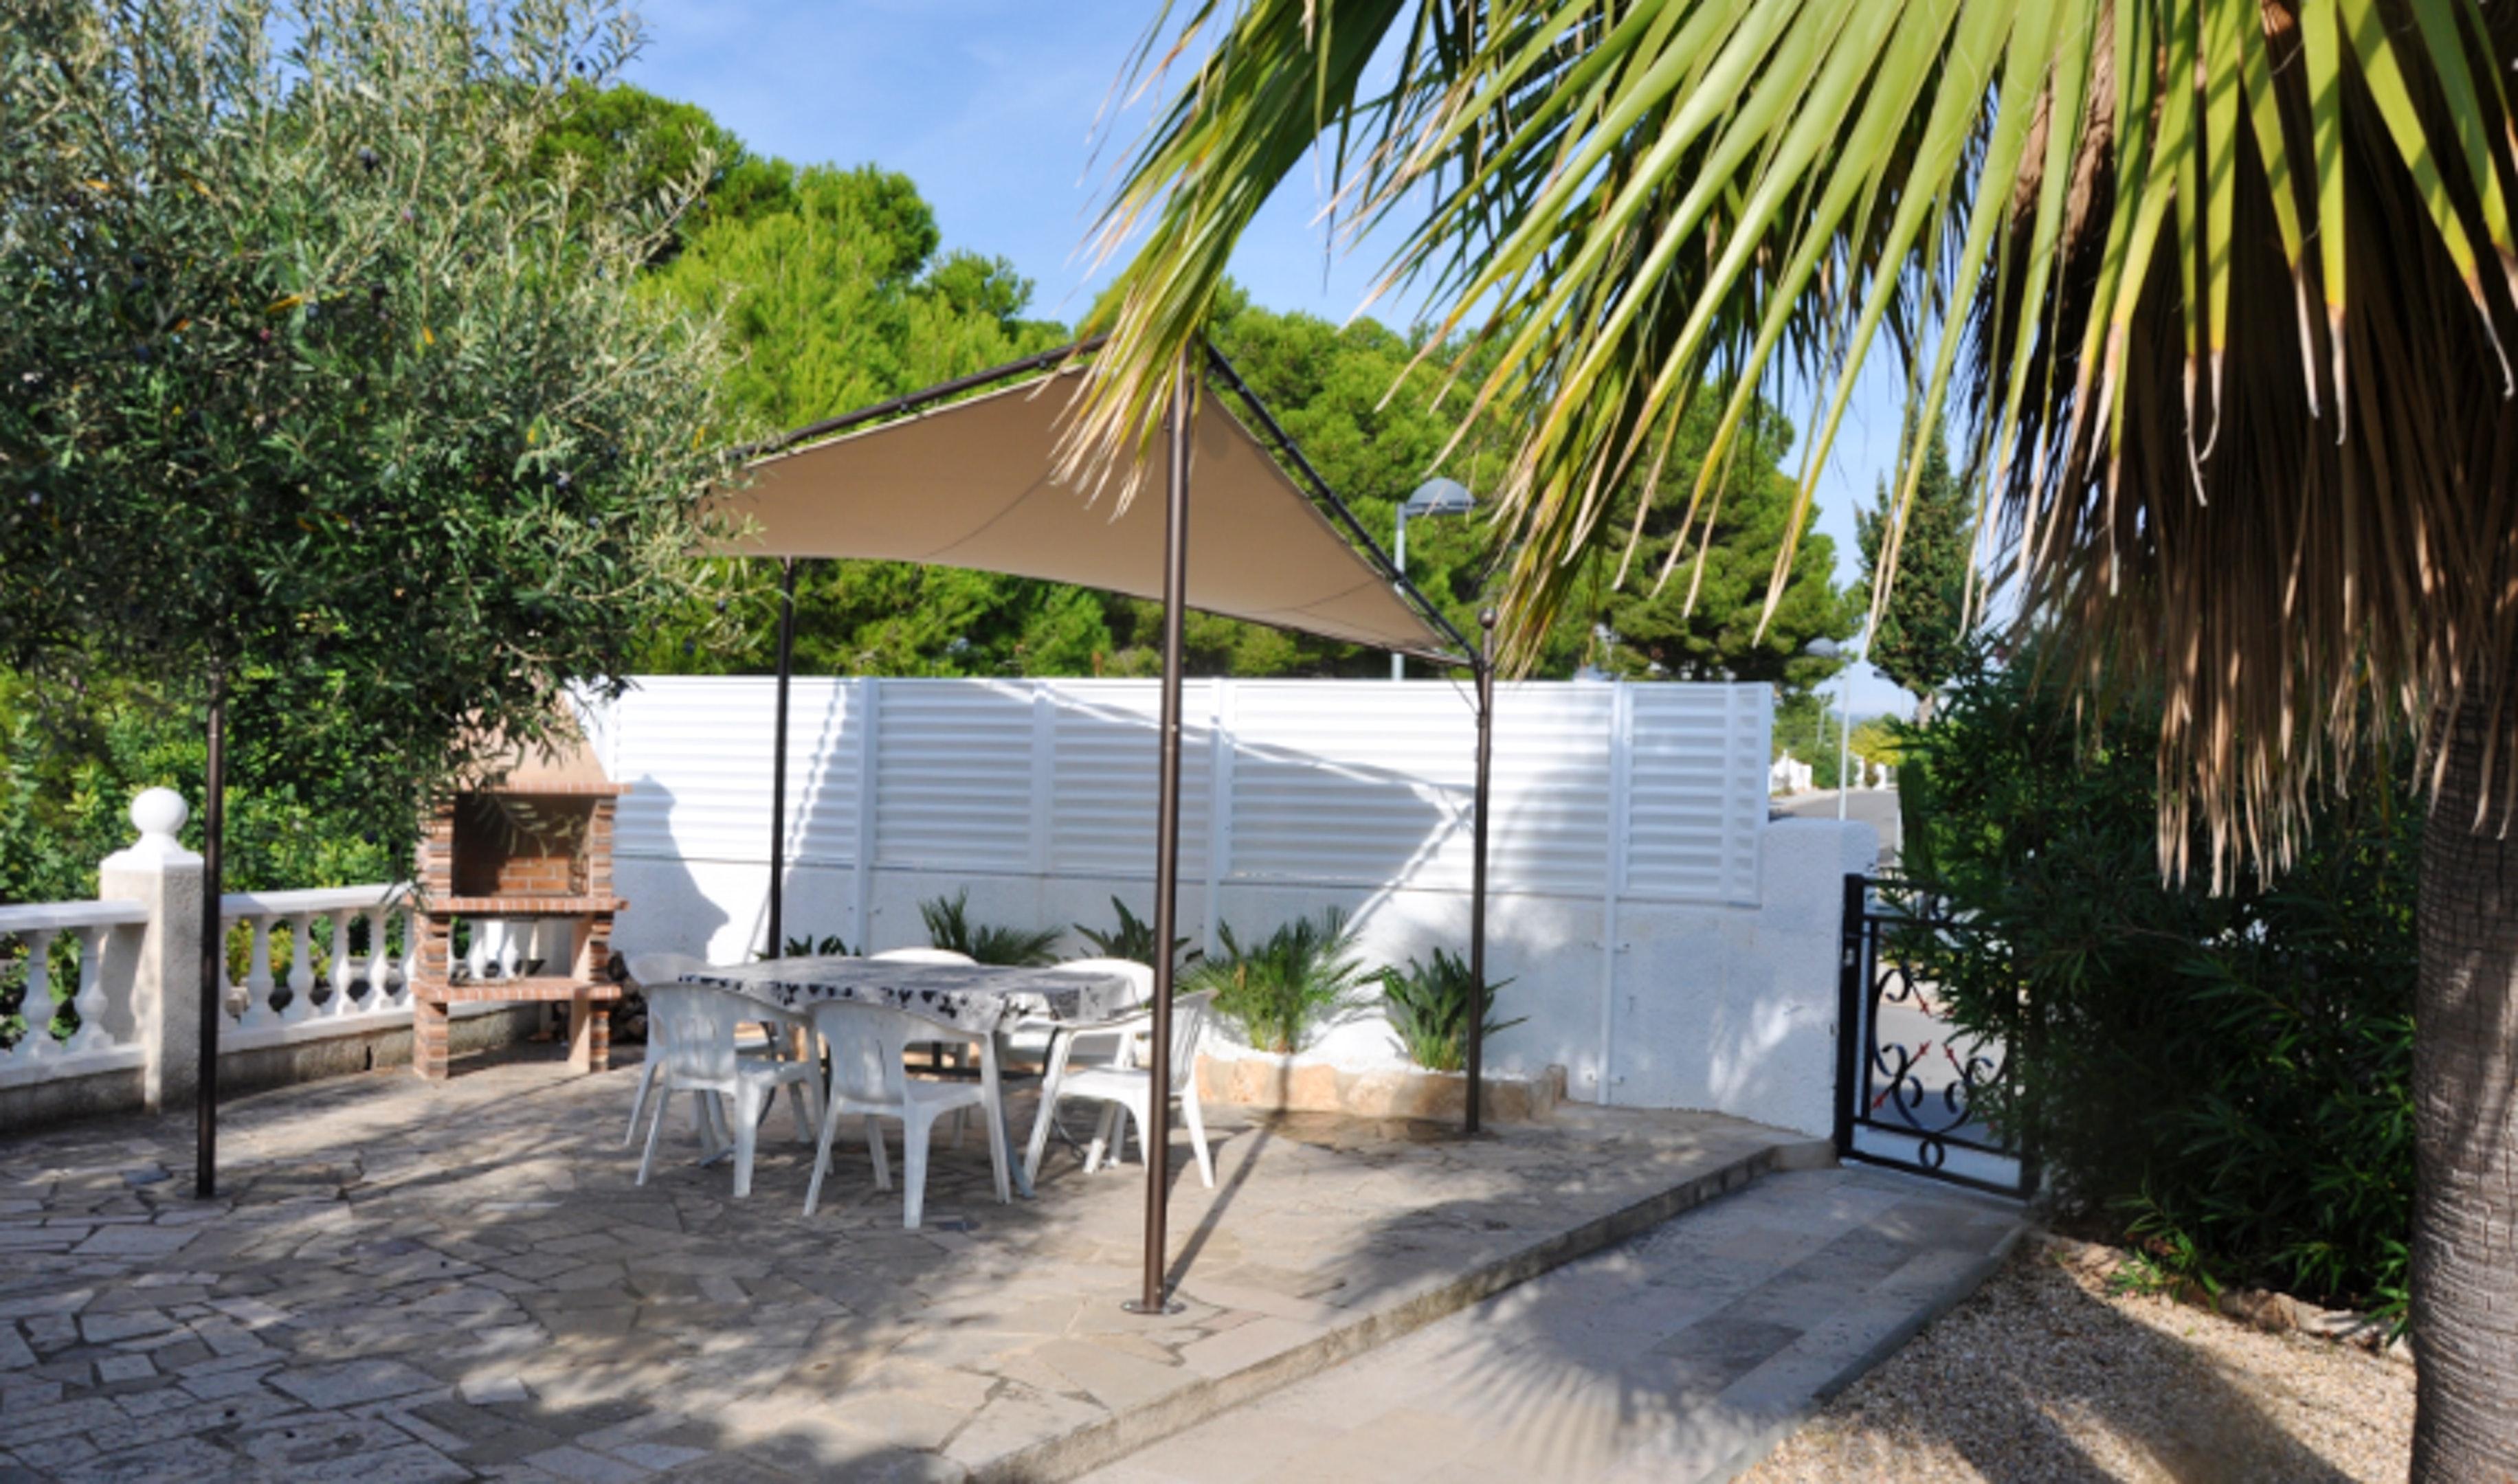 Ferienhaus Villa mit 3 Schlafzimmern in Ampolla mit herrlichem Meerblick, privatem Pool, möbliertem G (2201036), L'Ampolla, Costa Dorada, Katalonien, Spanien, Bild 6